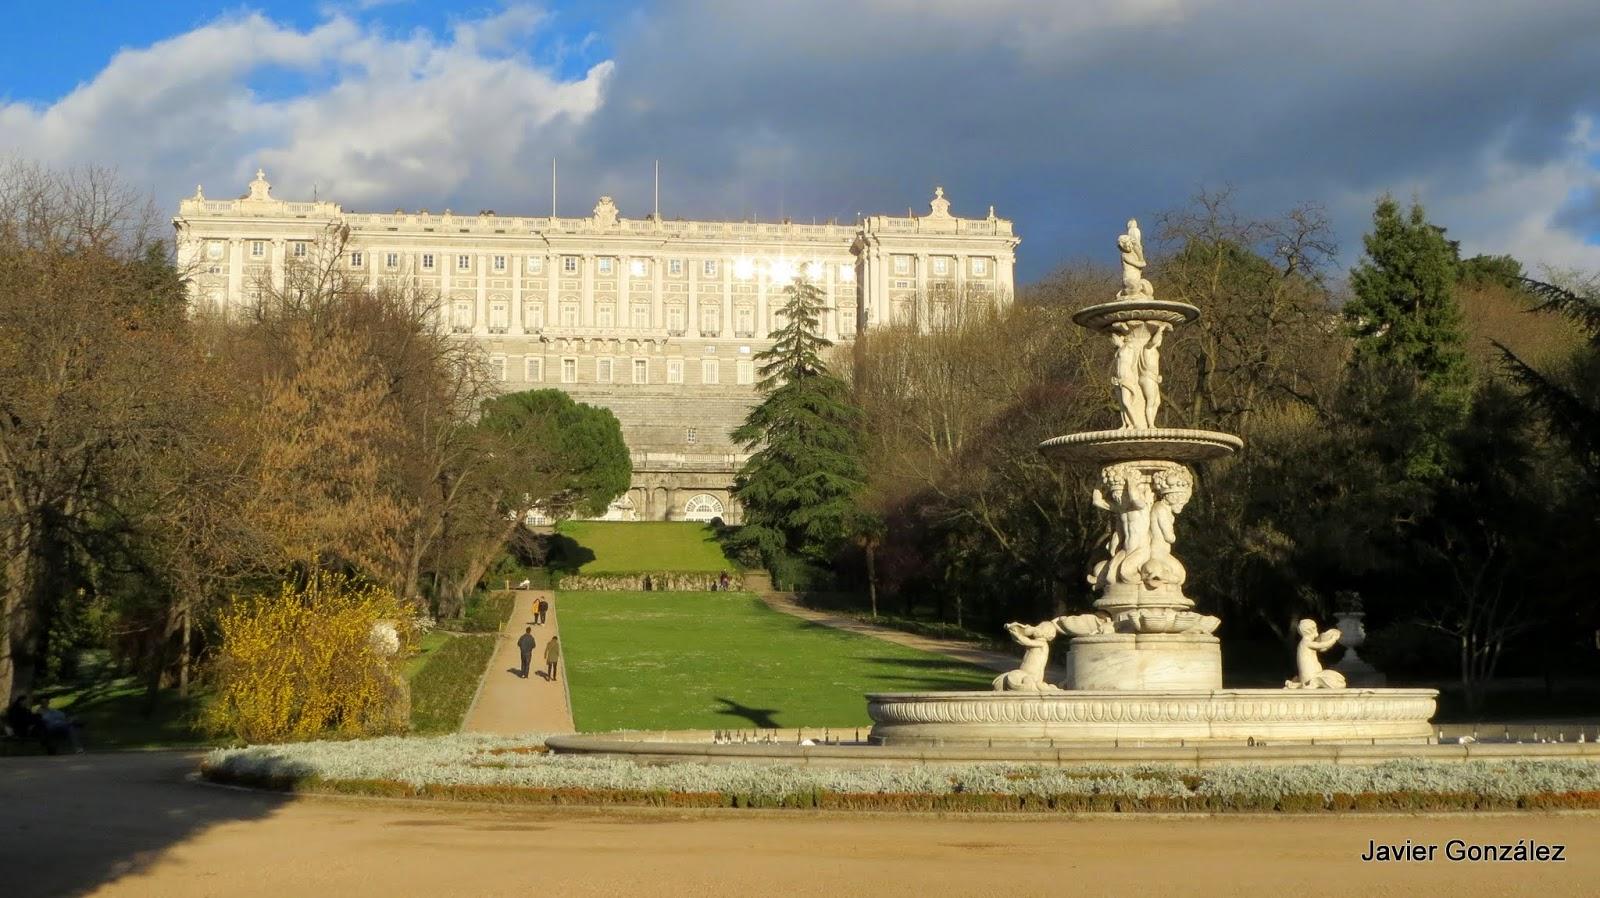 Las im genes que yo veo palacio real de madrid royal palace of madrid - Jardines palacio real madrid ...